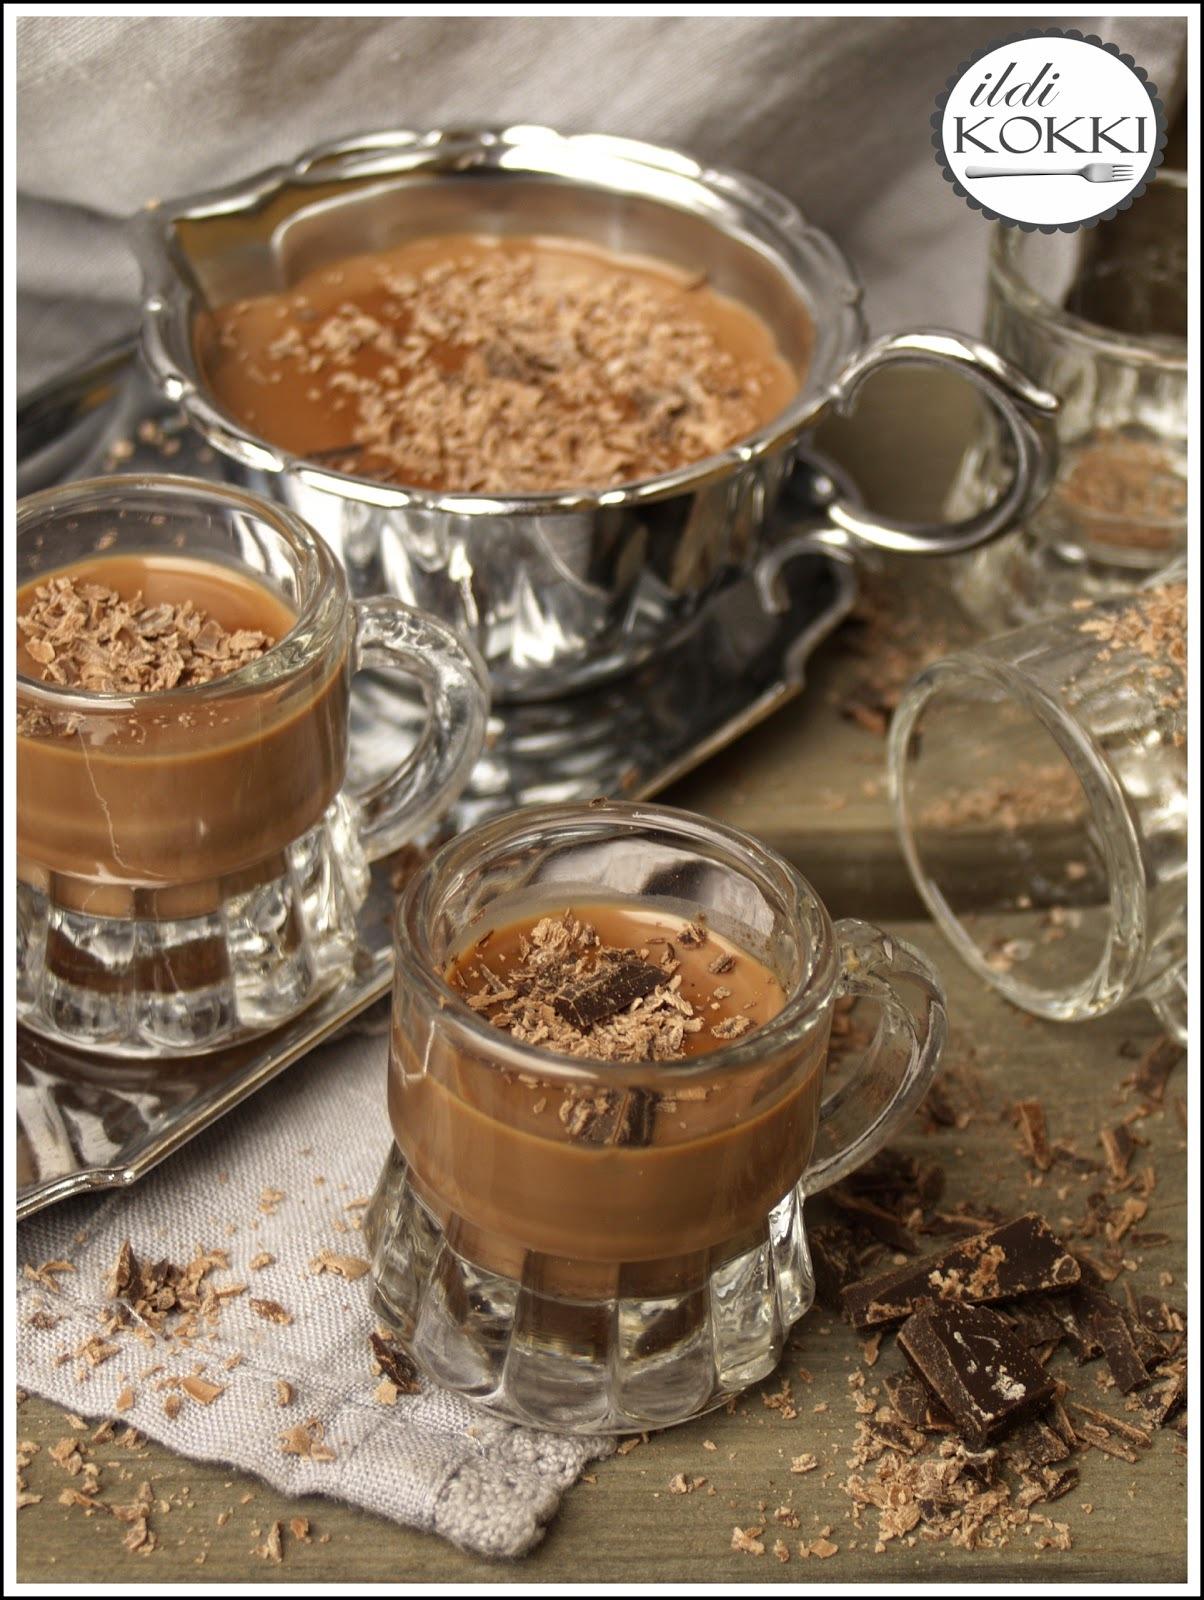 Whisky alapú fűszeres csokoládé krémlikőr